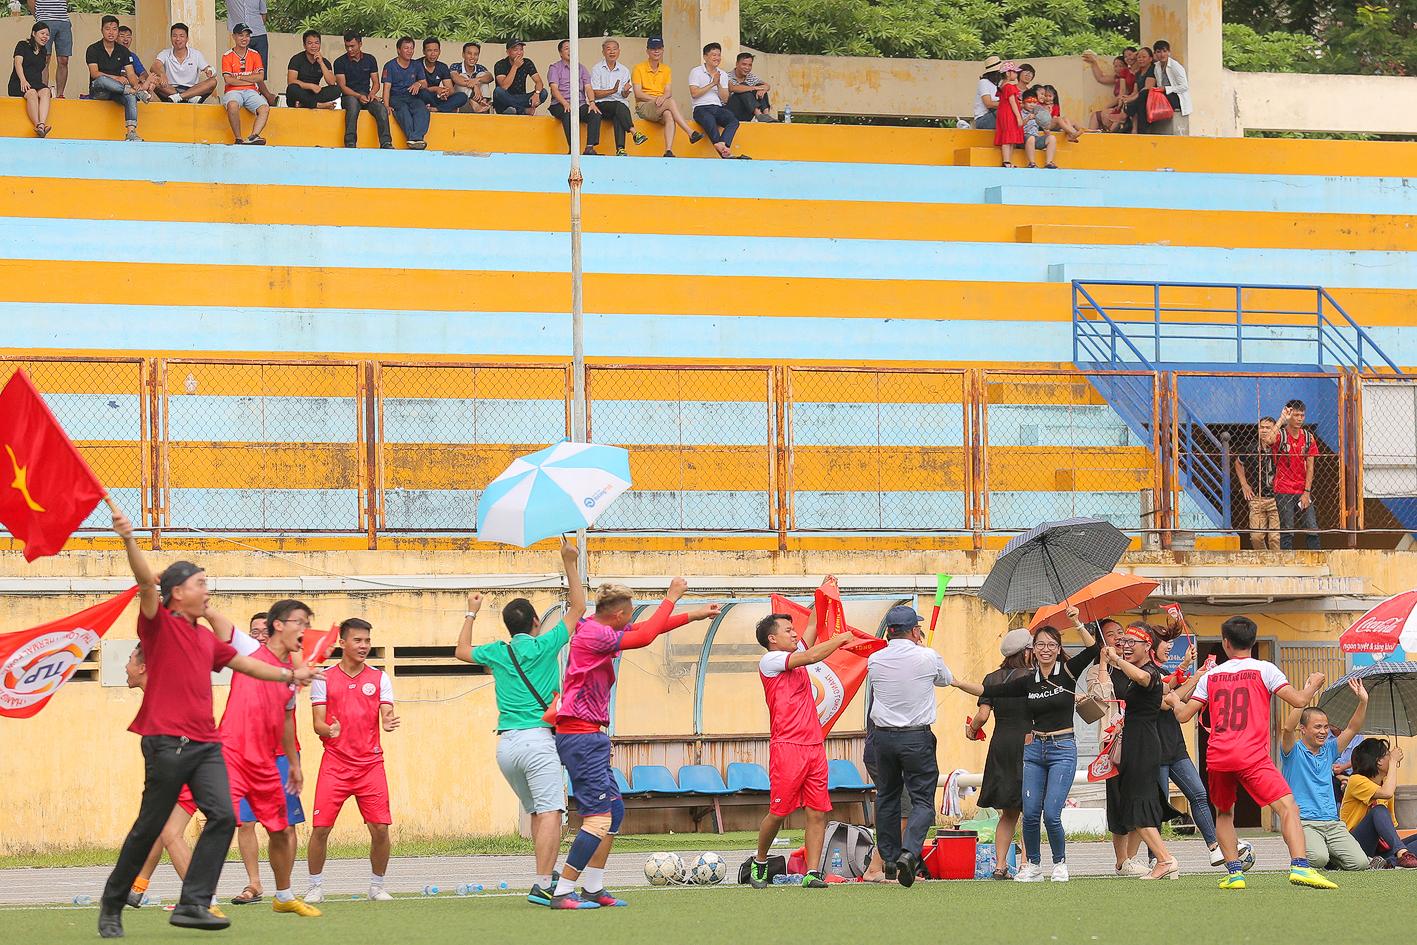 Sự ủng hộ nhiệt tình của CĐV cũng là yếu tố quan trọng tạo nên bầu không khí cuồng nhiệt trong suốt thời gian giải đấu diễn ra.